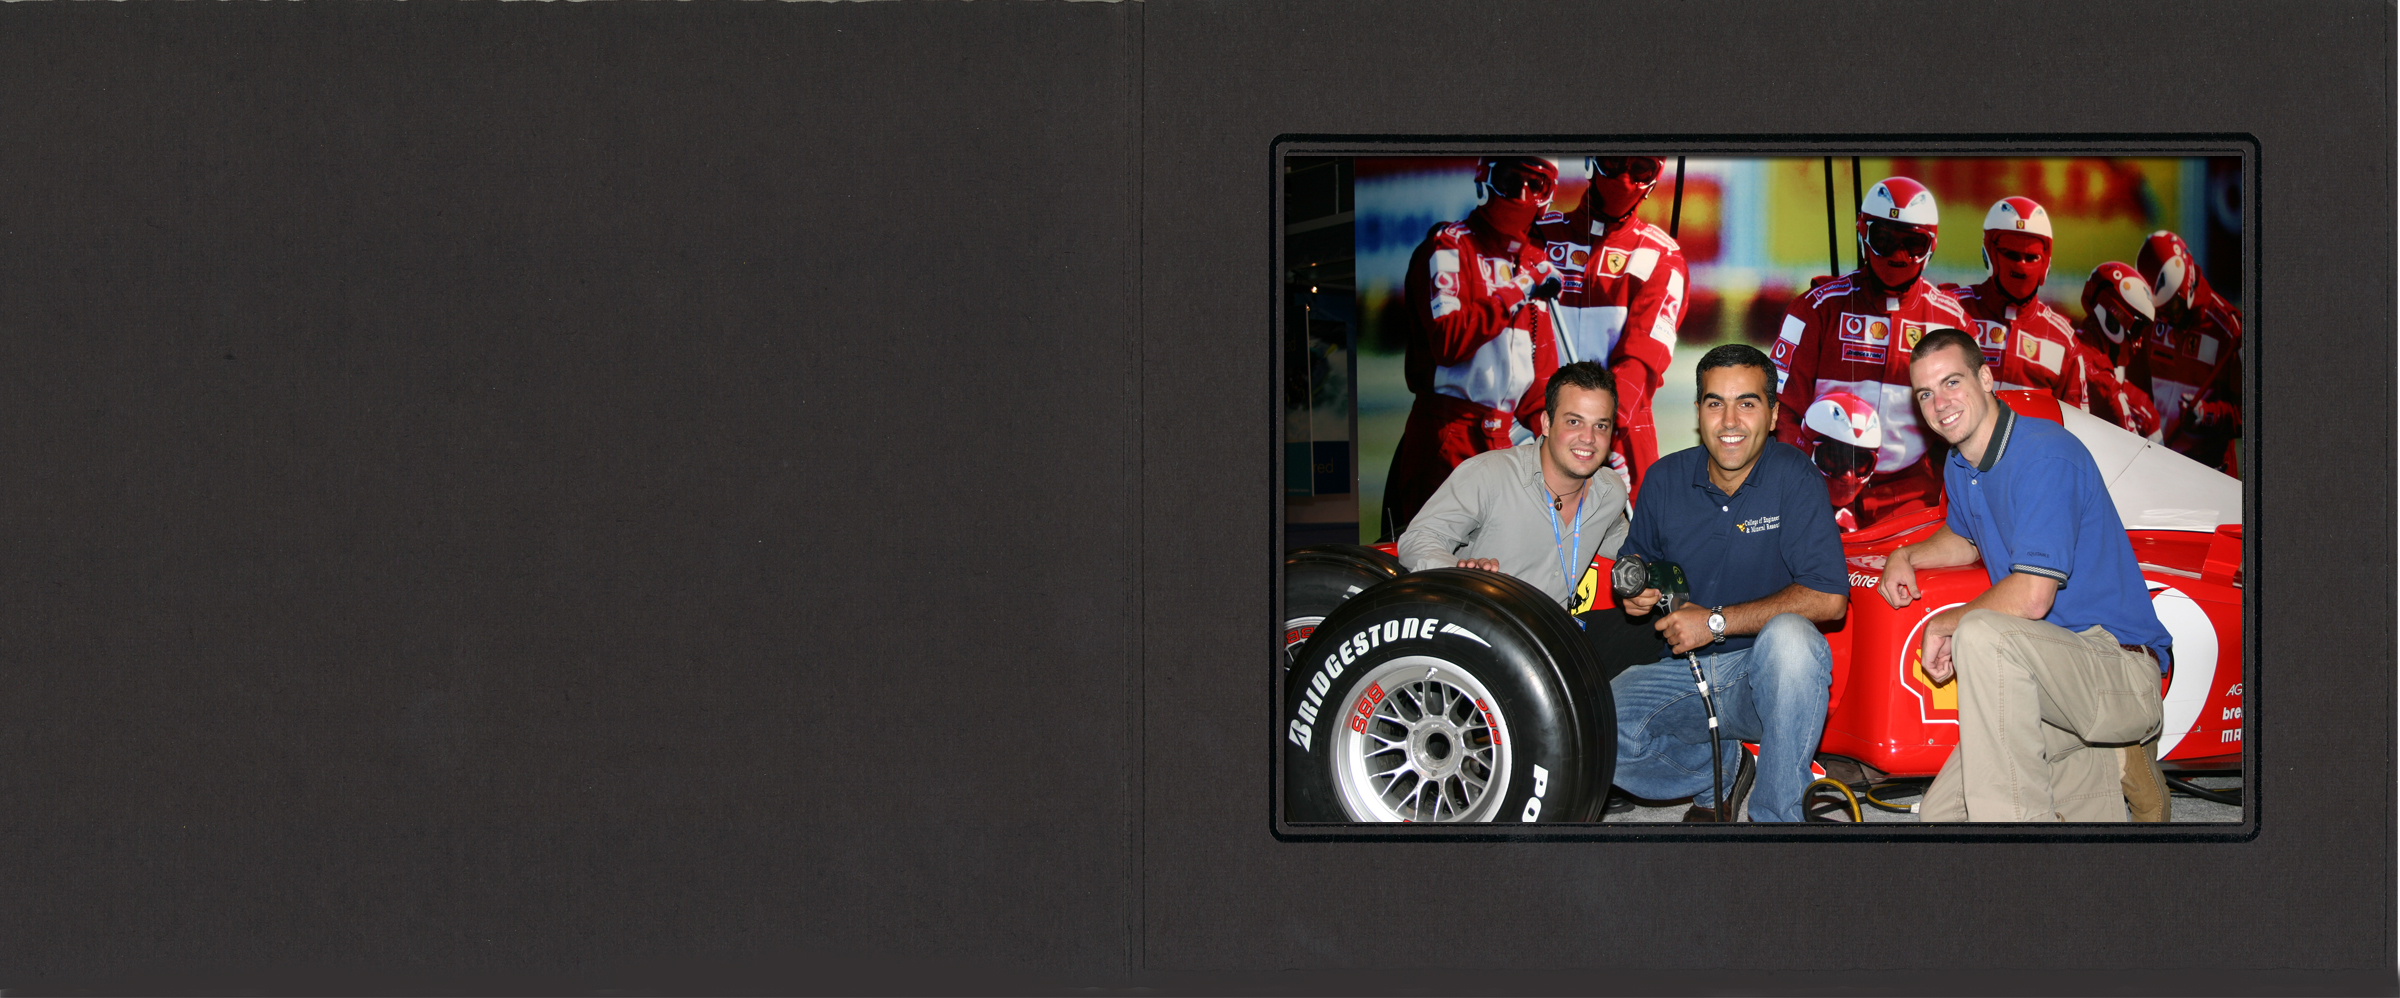 Buckeye Ferrari.jpg